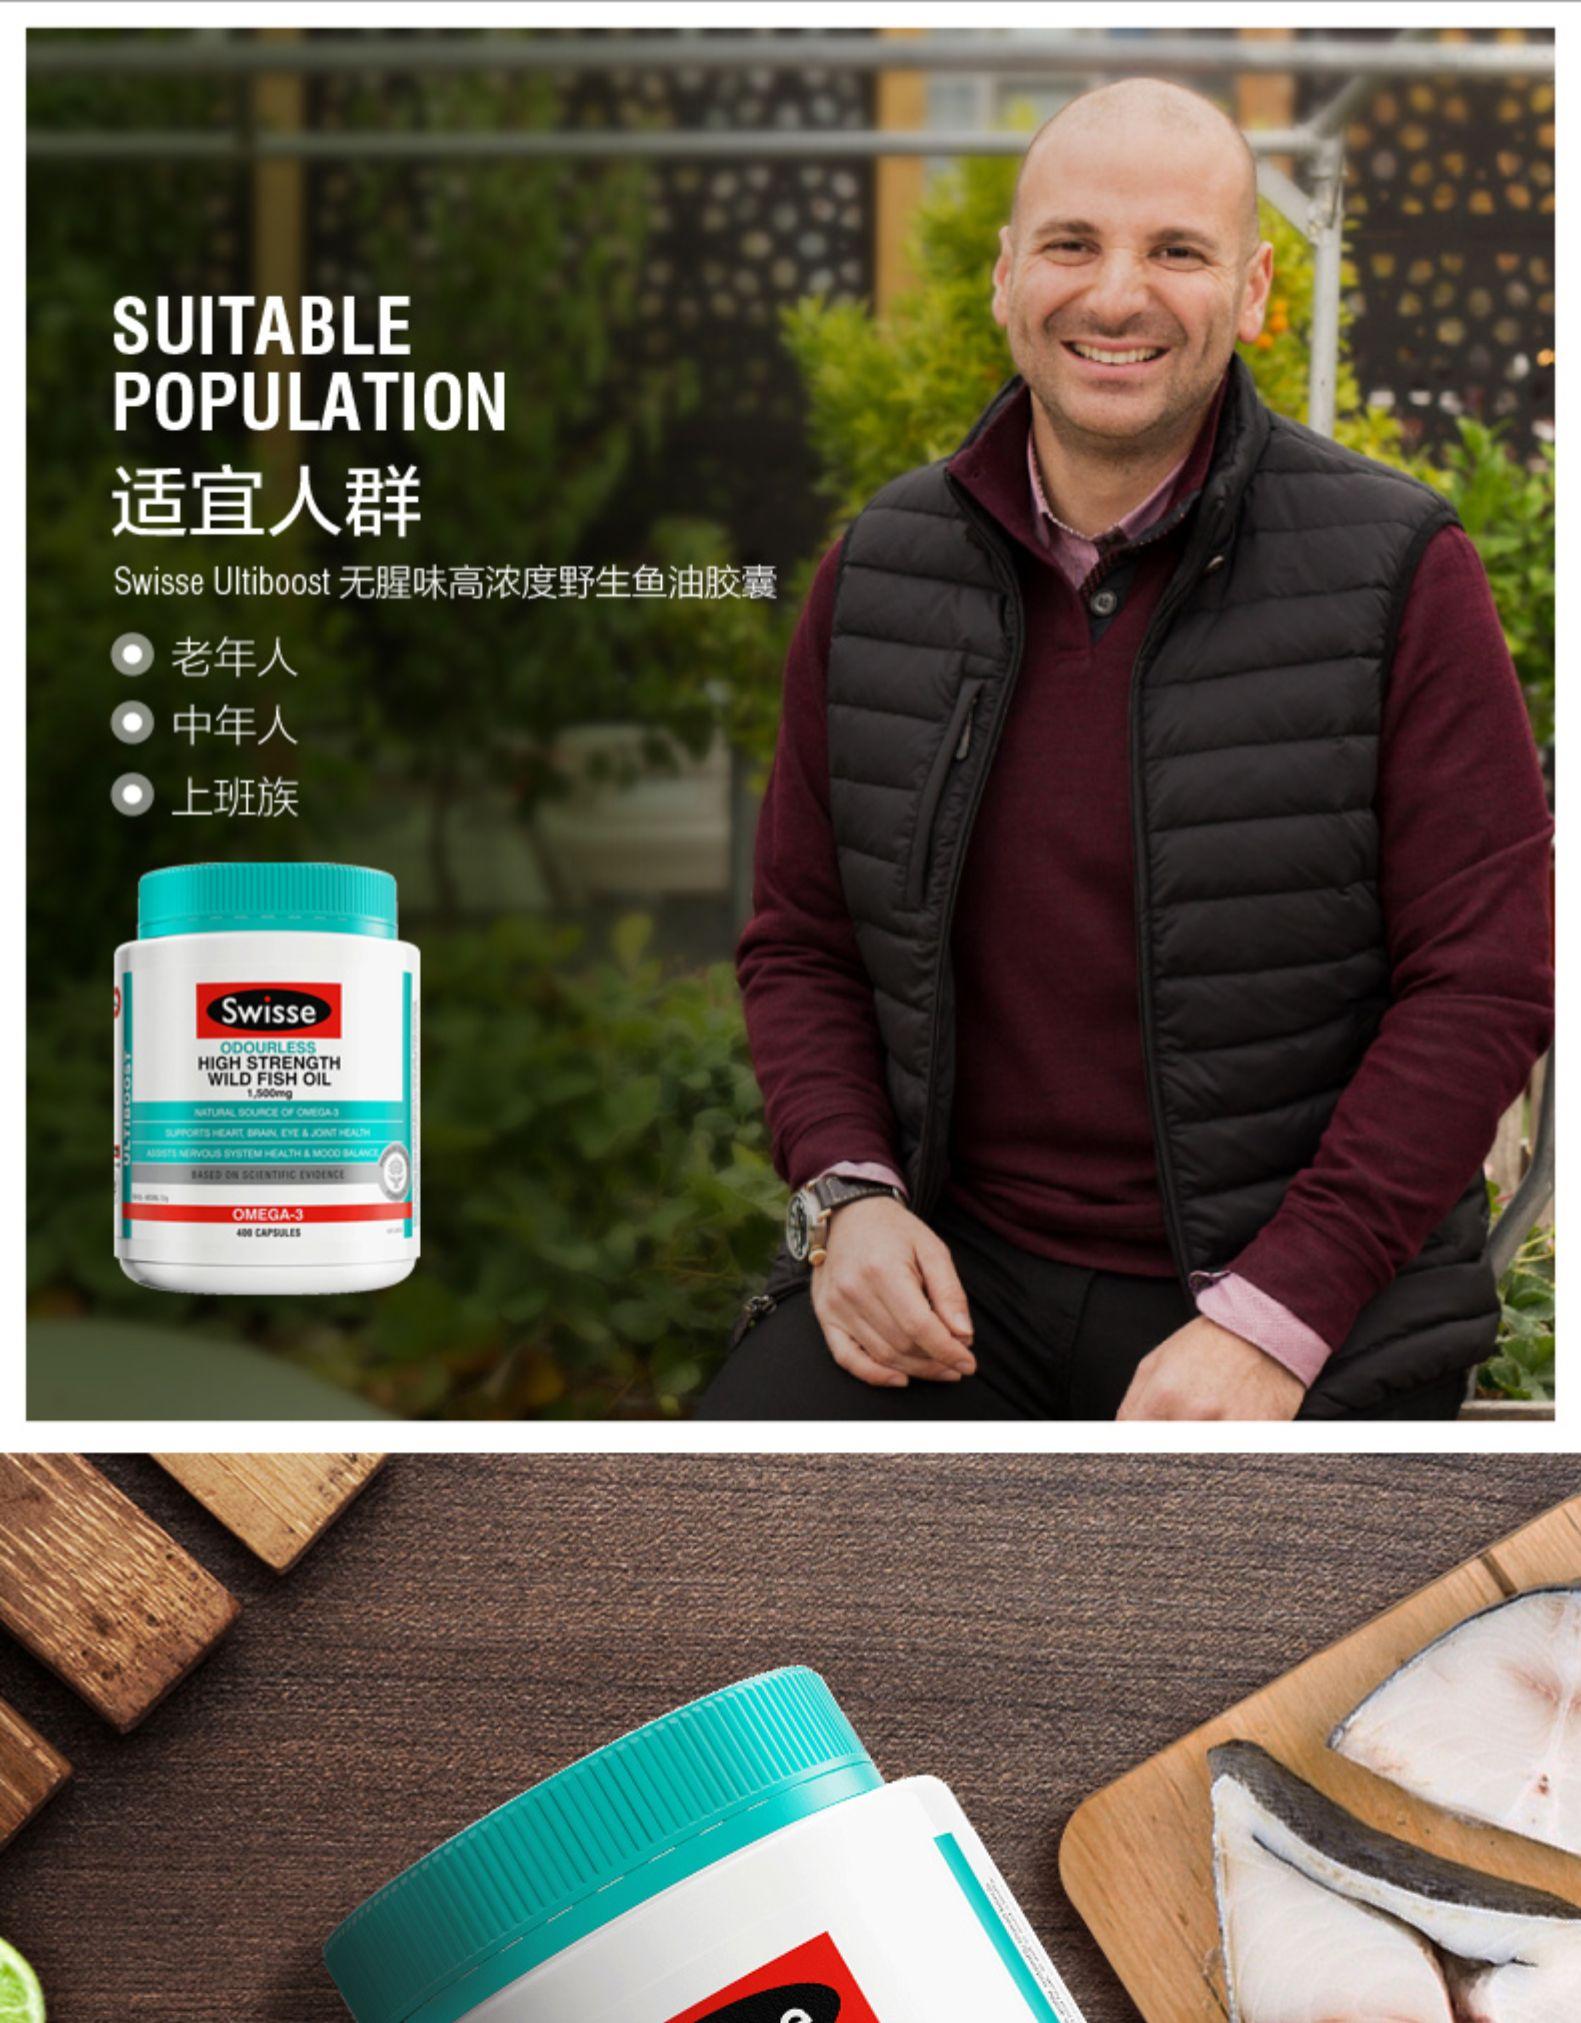 澳洲进口swisse深海鱼油胶囊无腥味1500mg400粒中老年保健欧米伽3 我们的产品 第4张